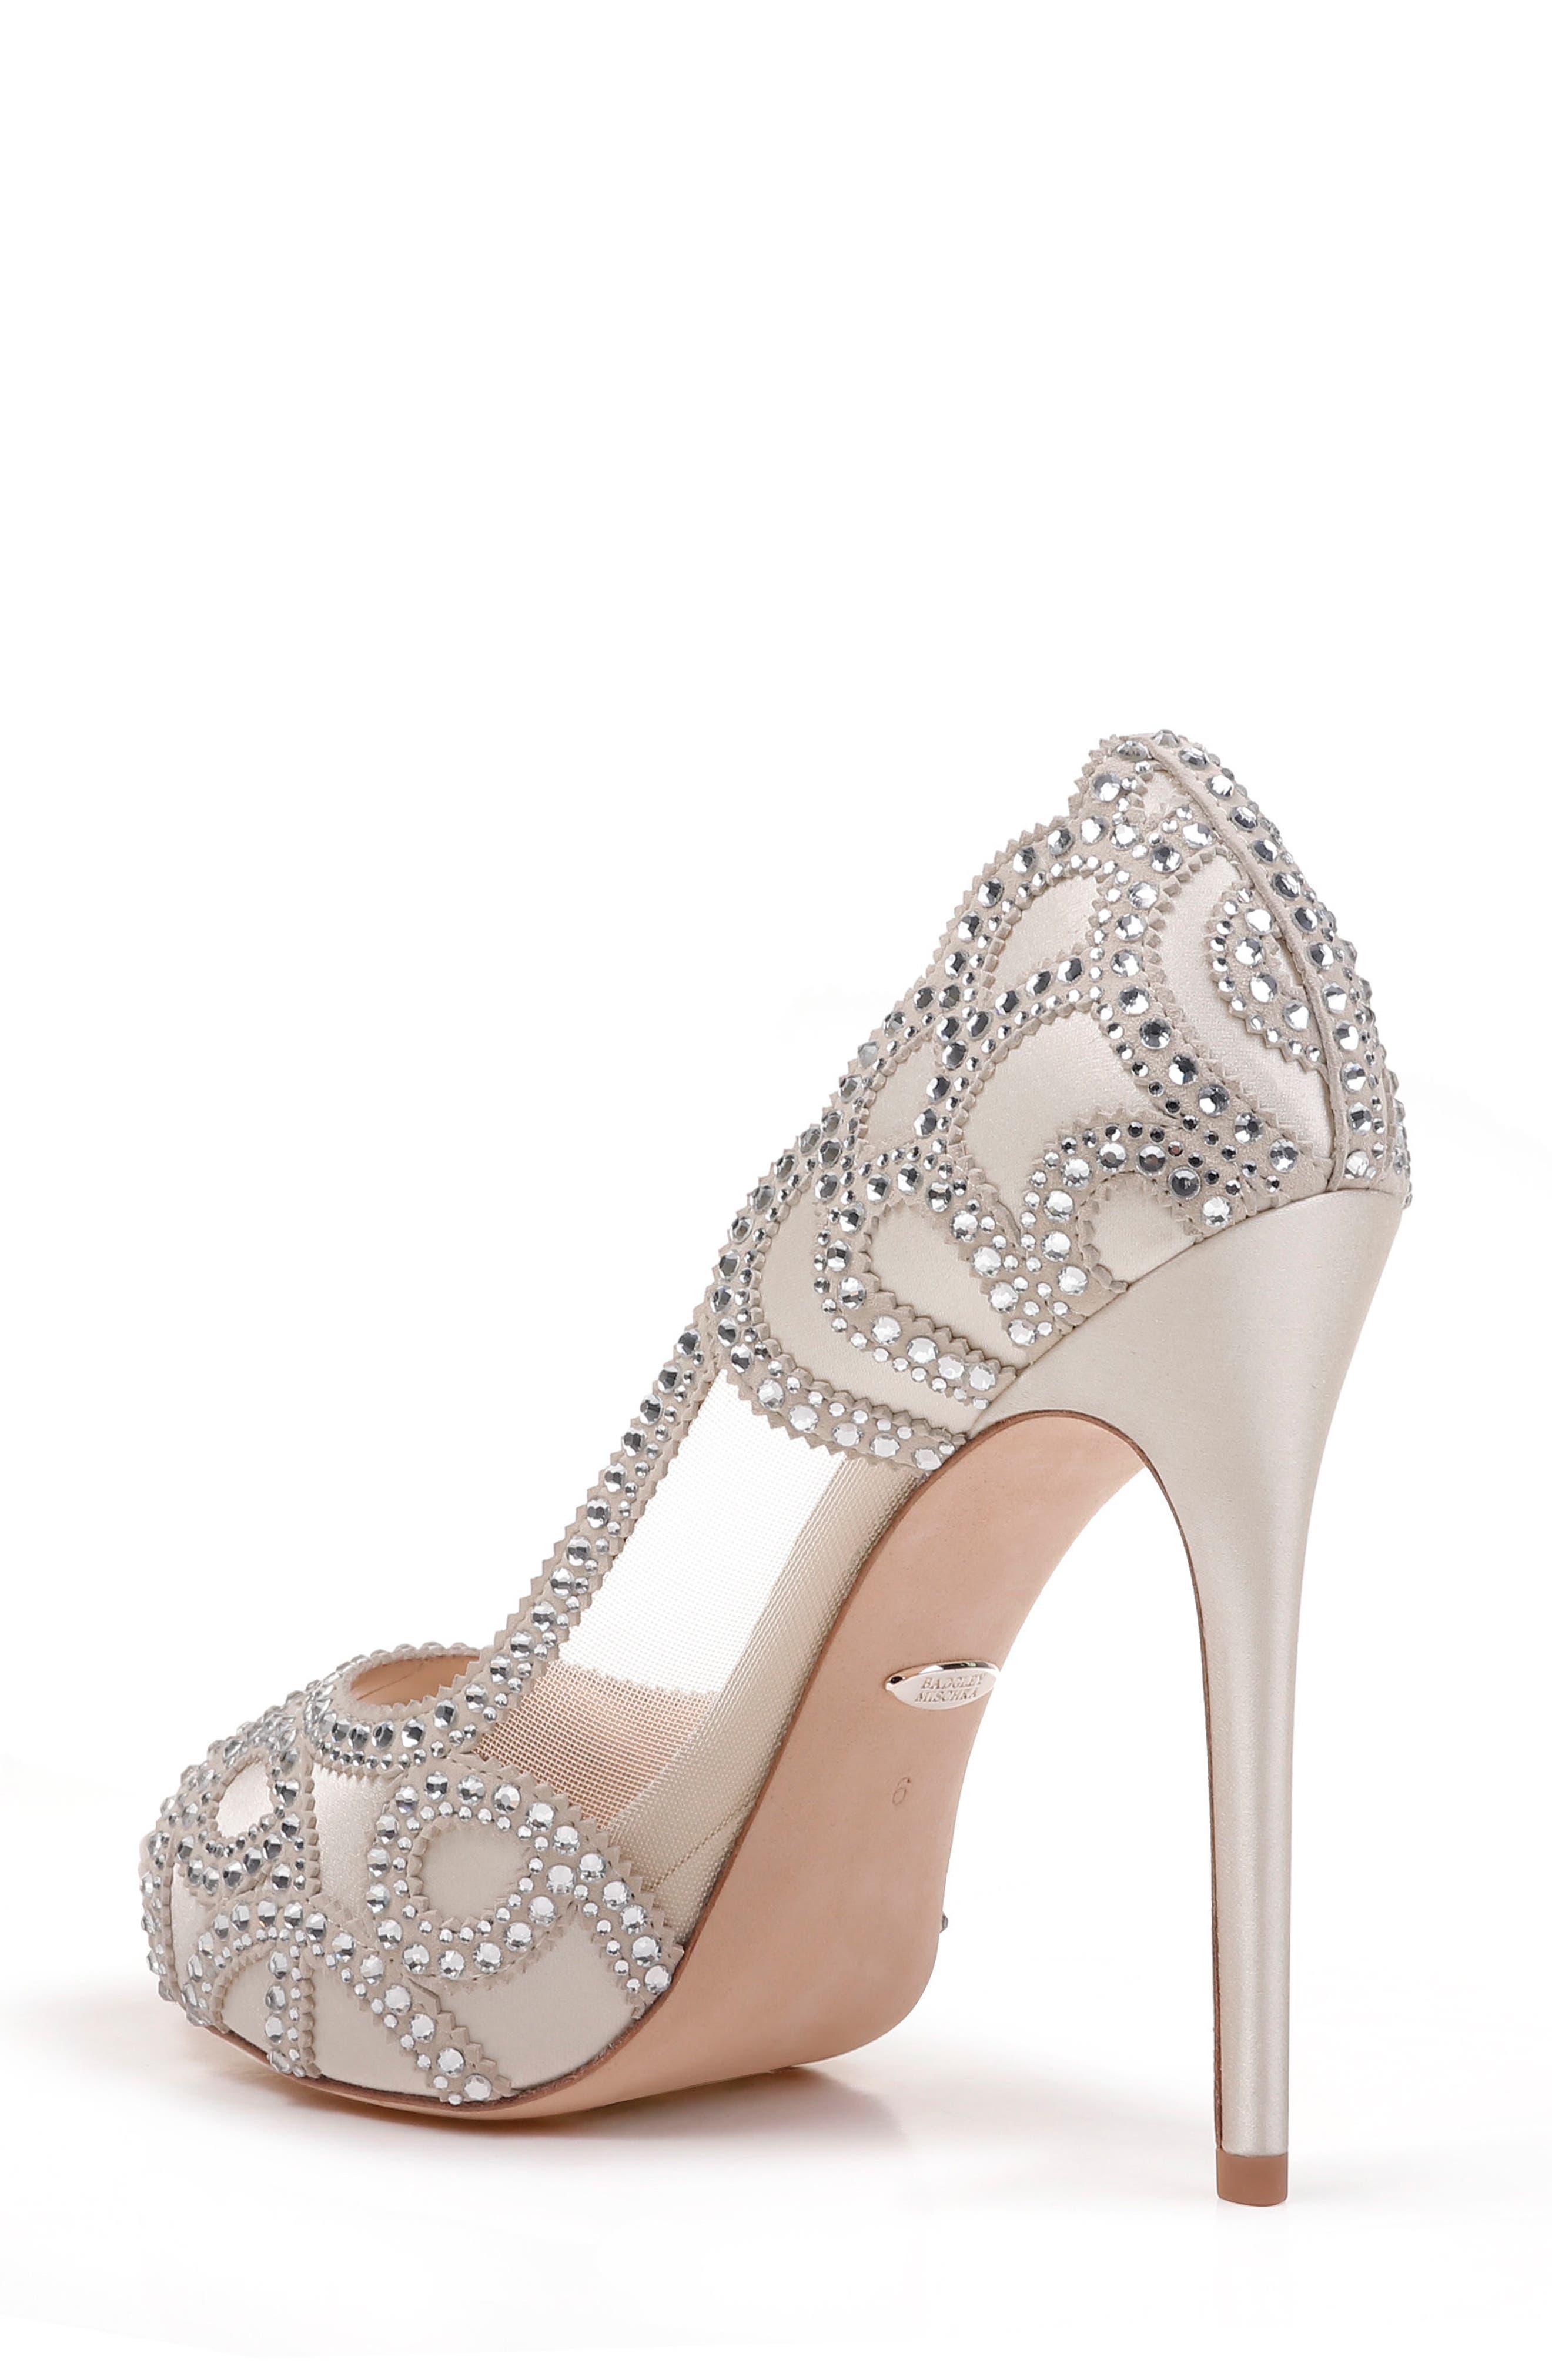 Witney Heel Shoes